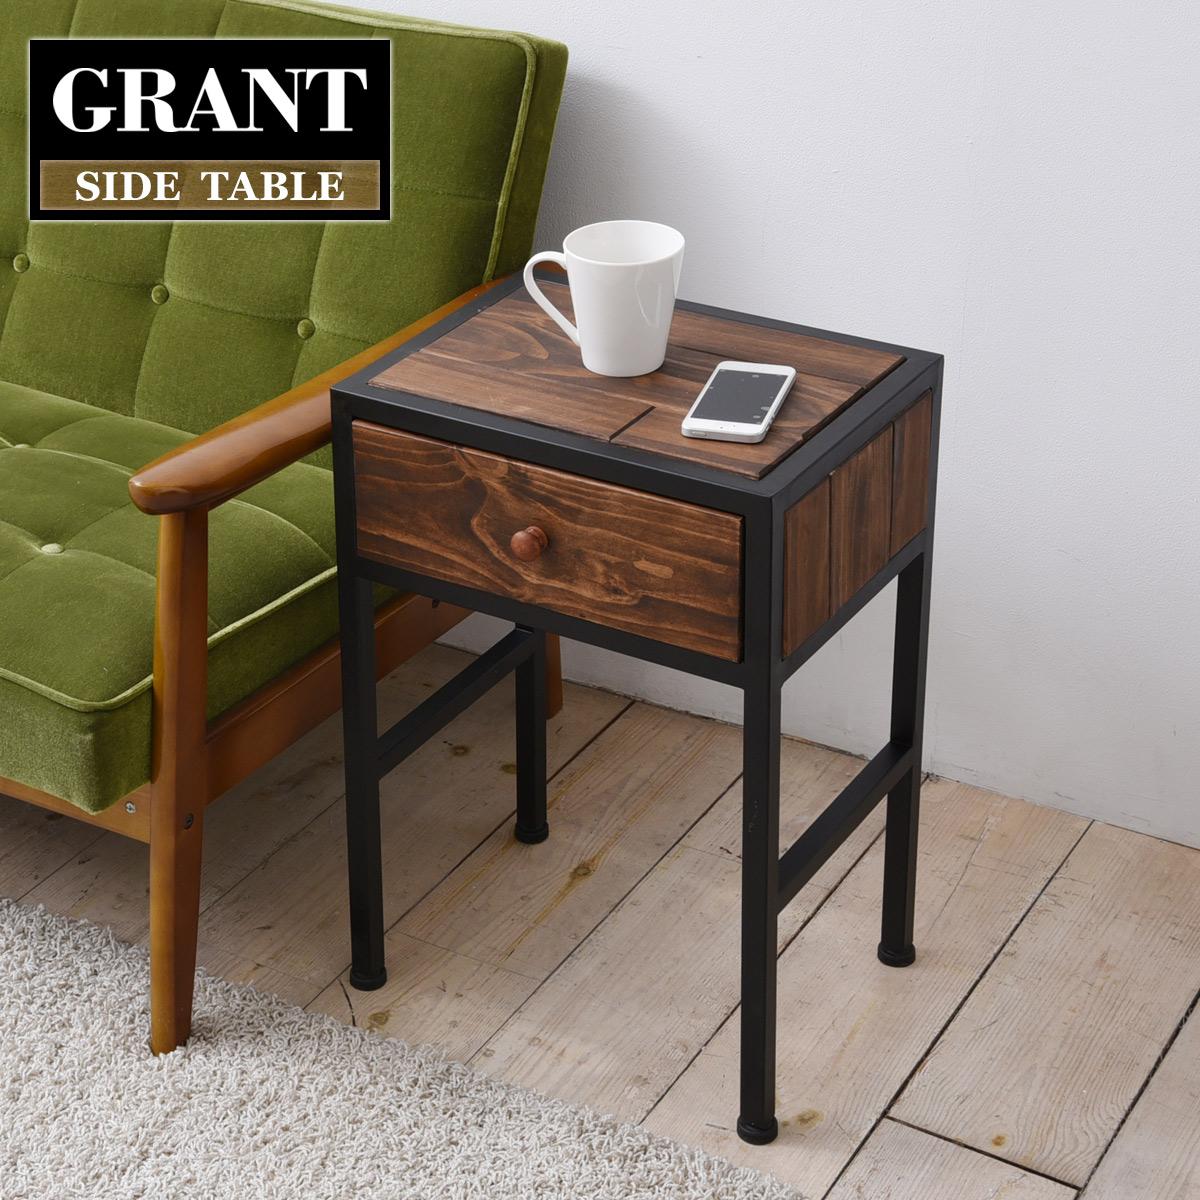 【送料無料】 【メーカー直送・代引不可】GRANT サイドテーブル